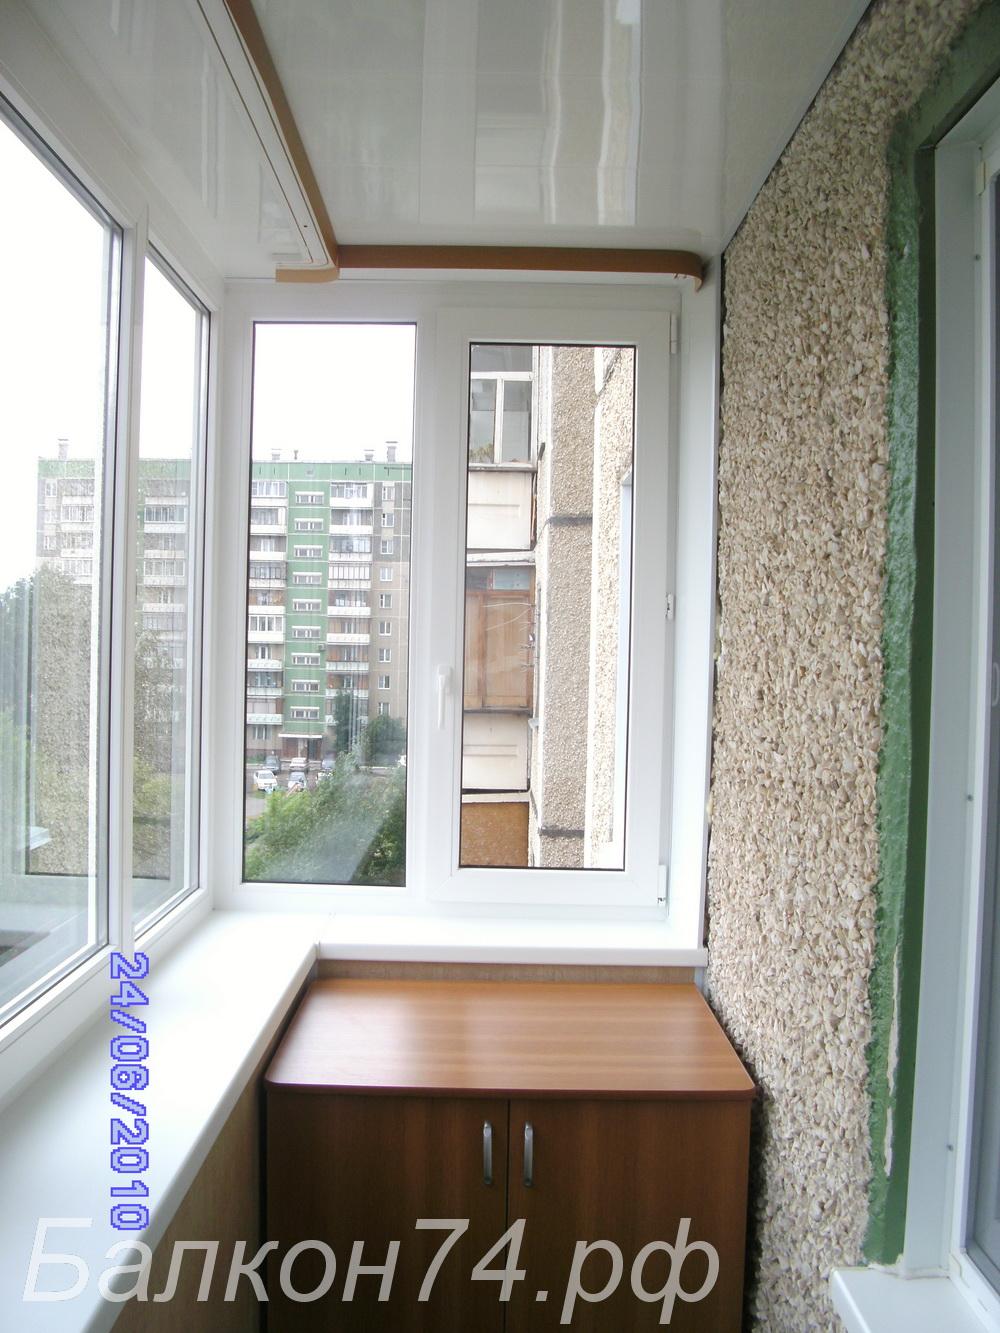 Остекление балкона в хрущевке в наро фоминске..